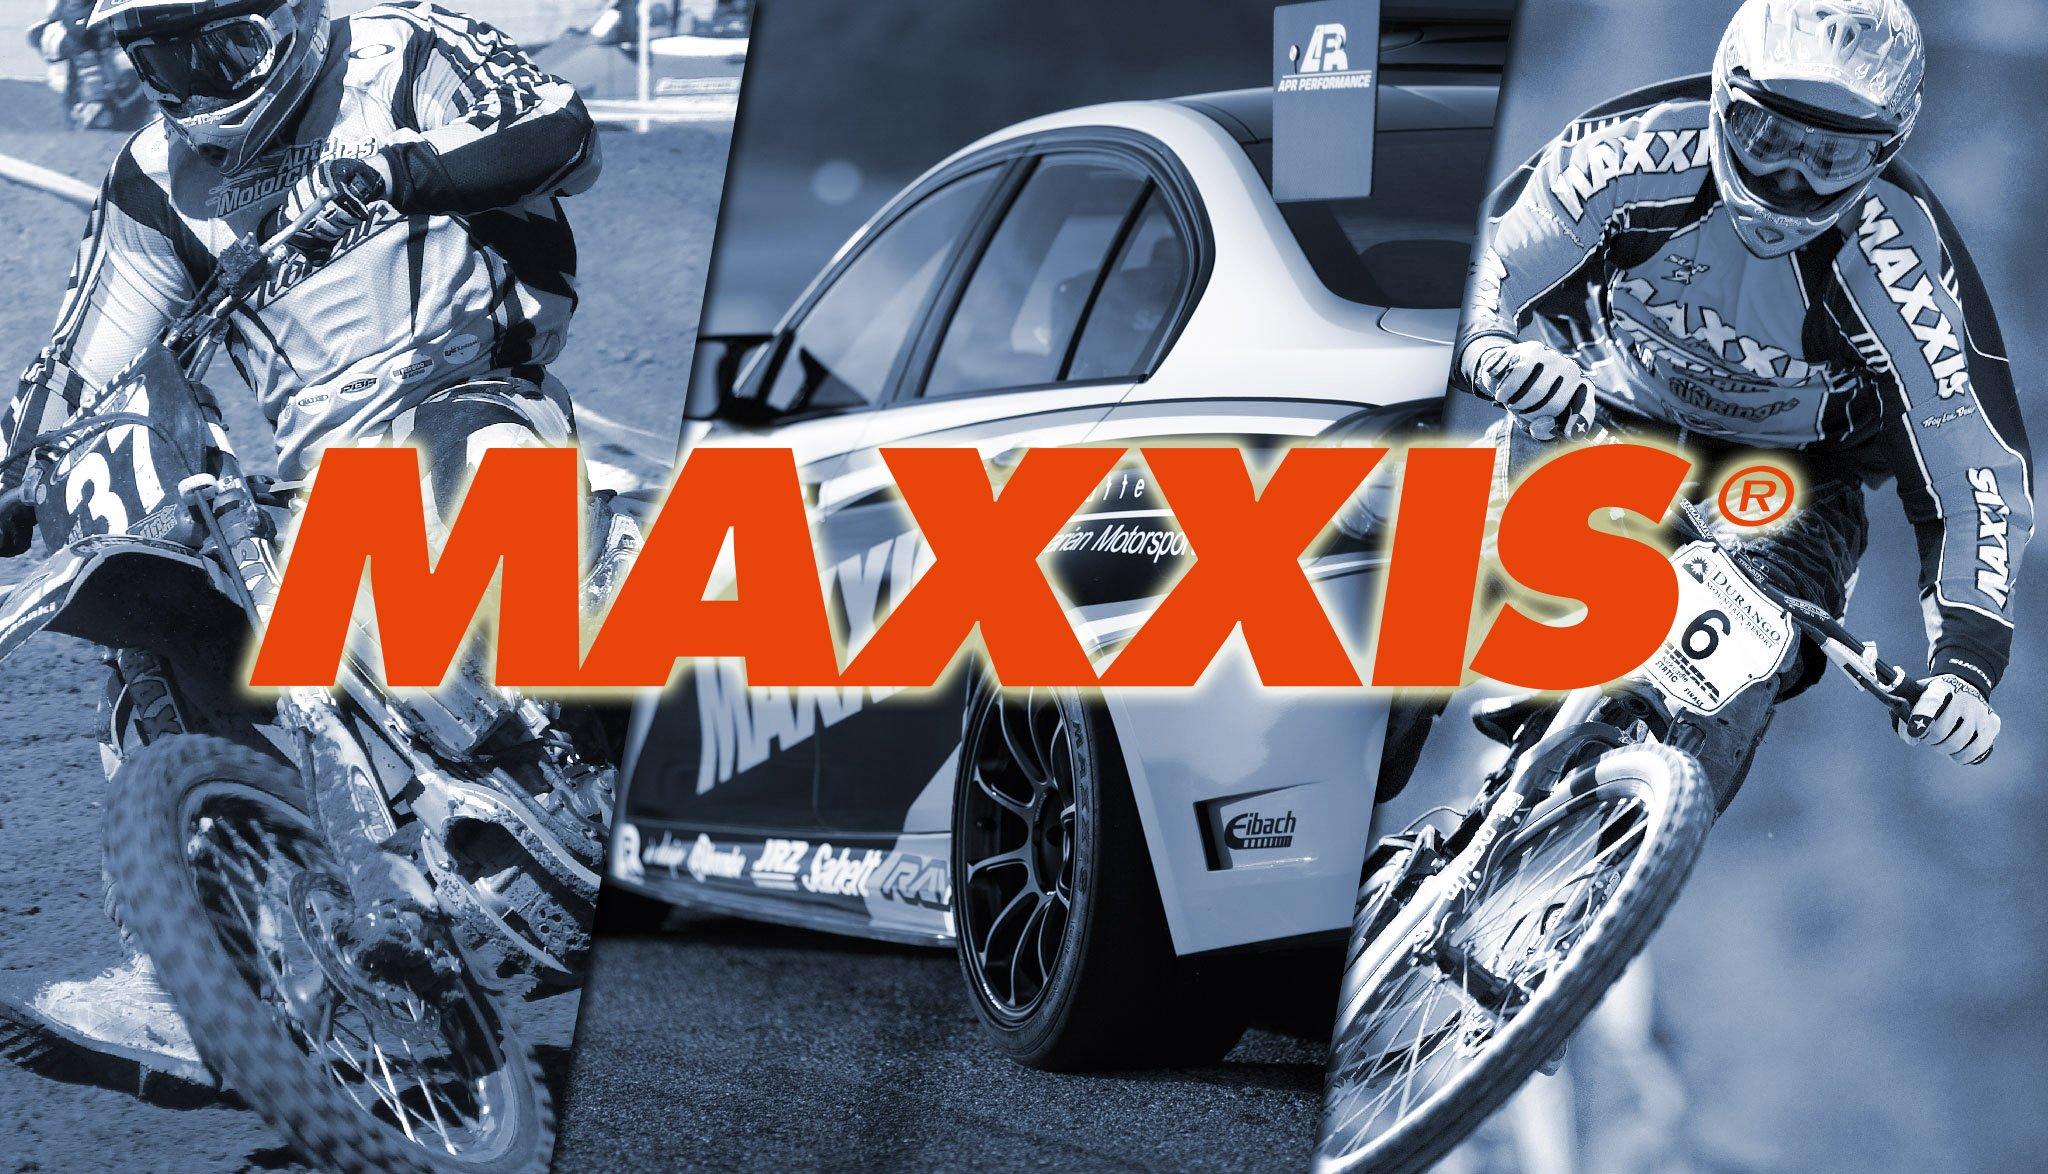 【頂尖】全新瑪吉斯輪胎HPM3 SUV 225/60-18國產品牌 擁有濕地抓地力 耐磨性與舒適型優良表現